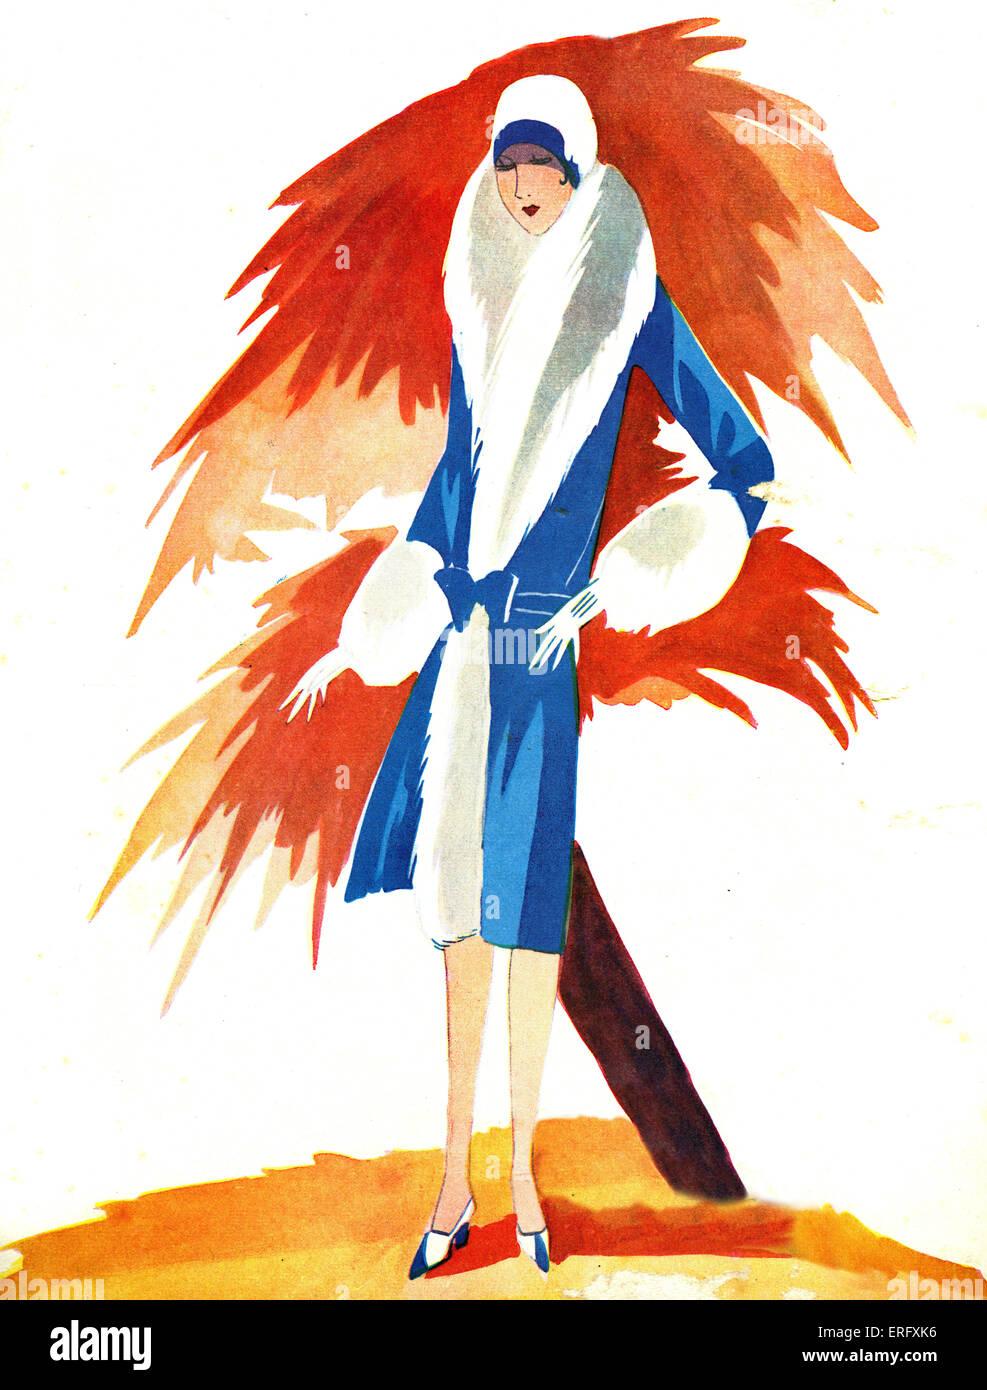 Le Miroir des modes Septembre 1927 Couverture du magazine de mode. Femme en manteau de fourrure garni, glvoes et Photo Stock